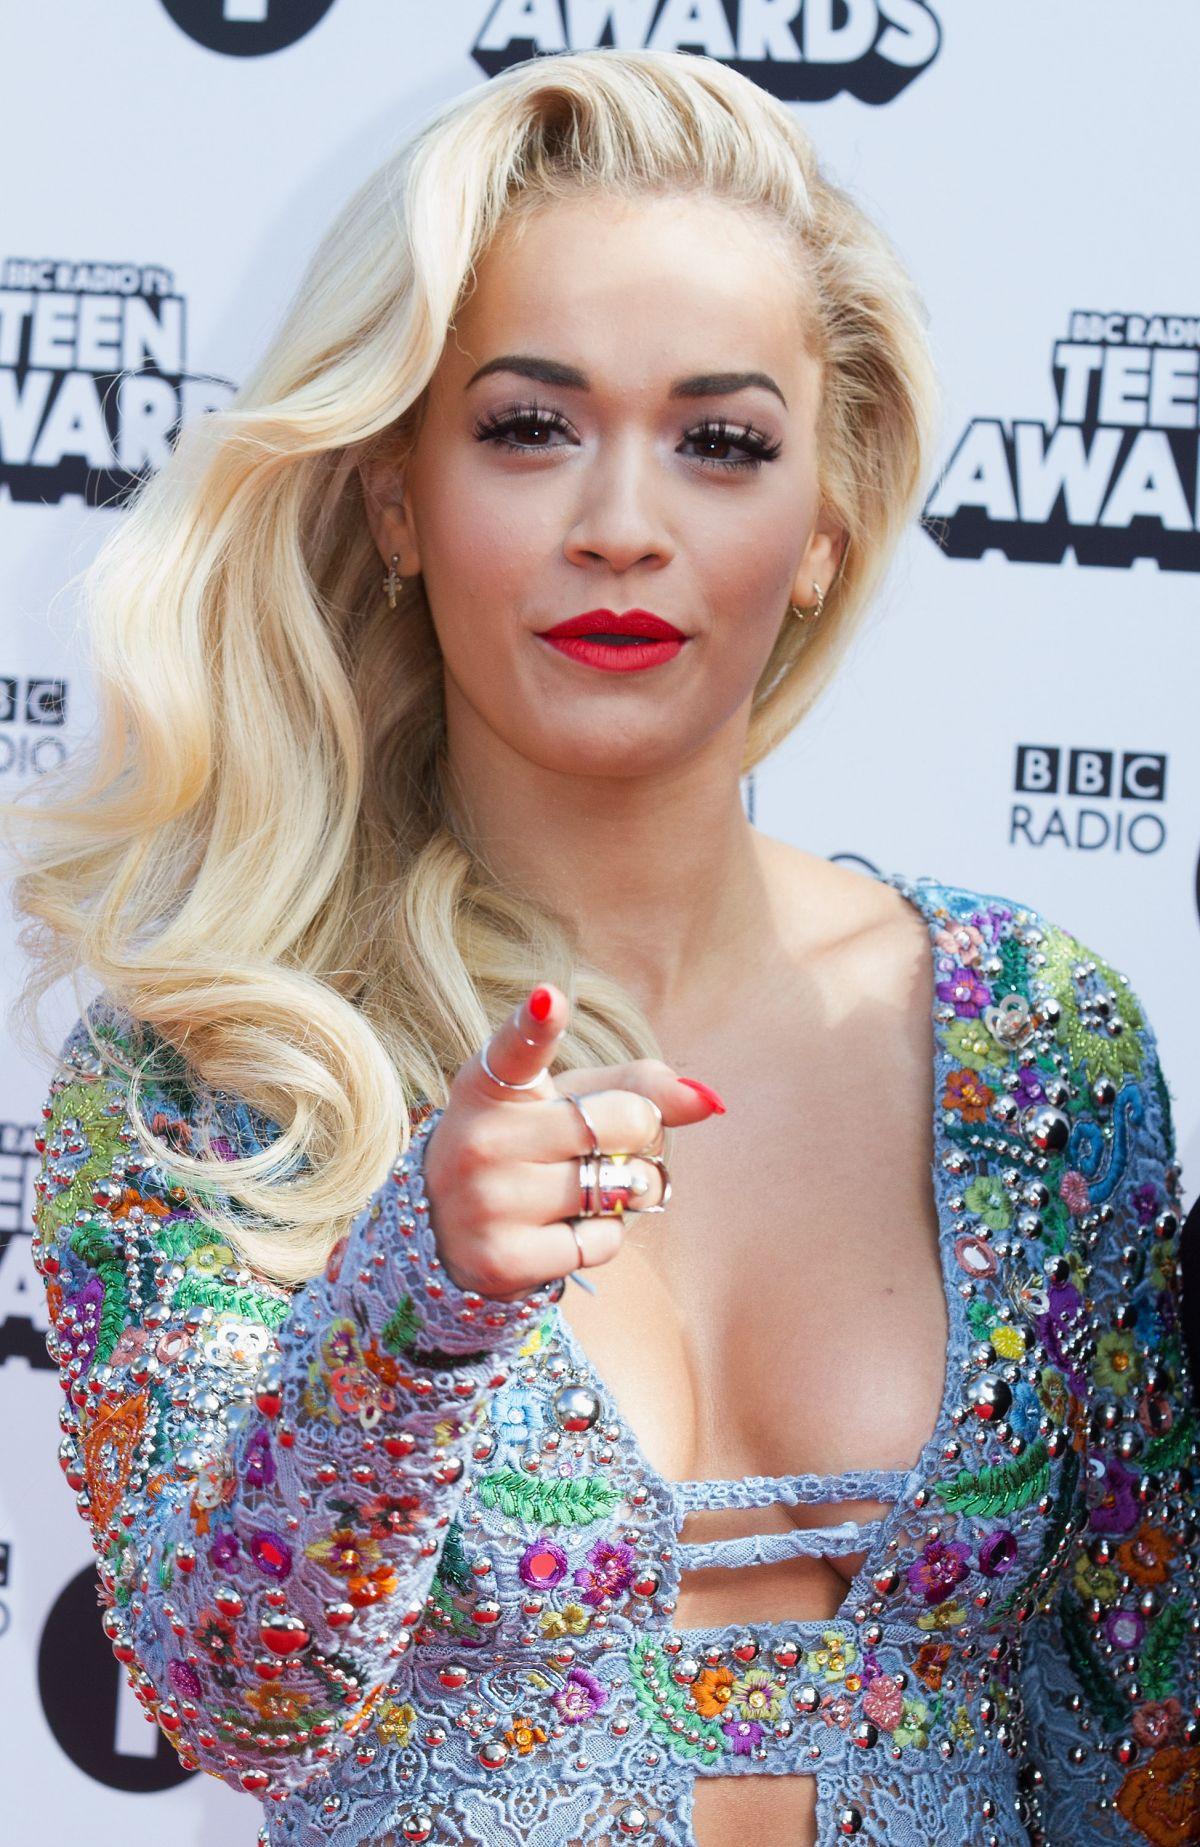 RITA ORA at Radio One Teen Awards at Wembley Arena in London